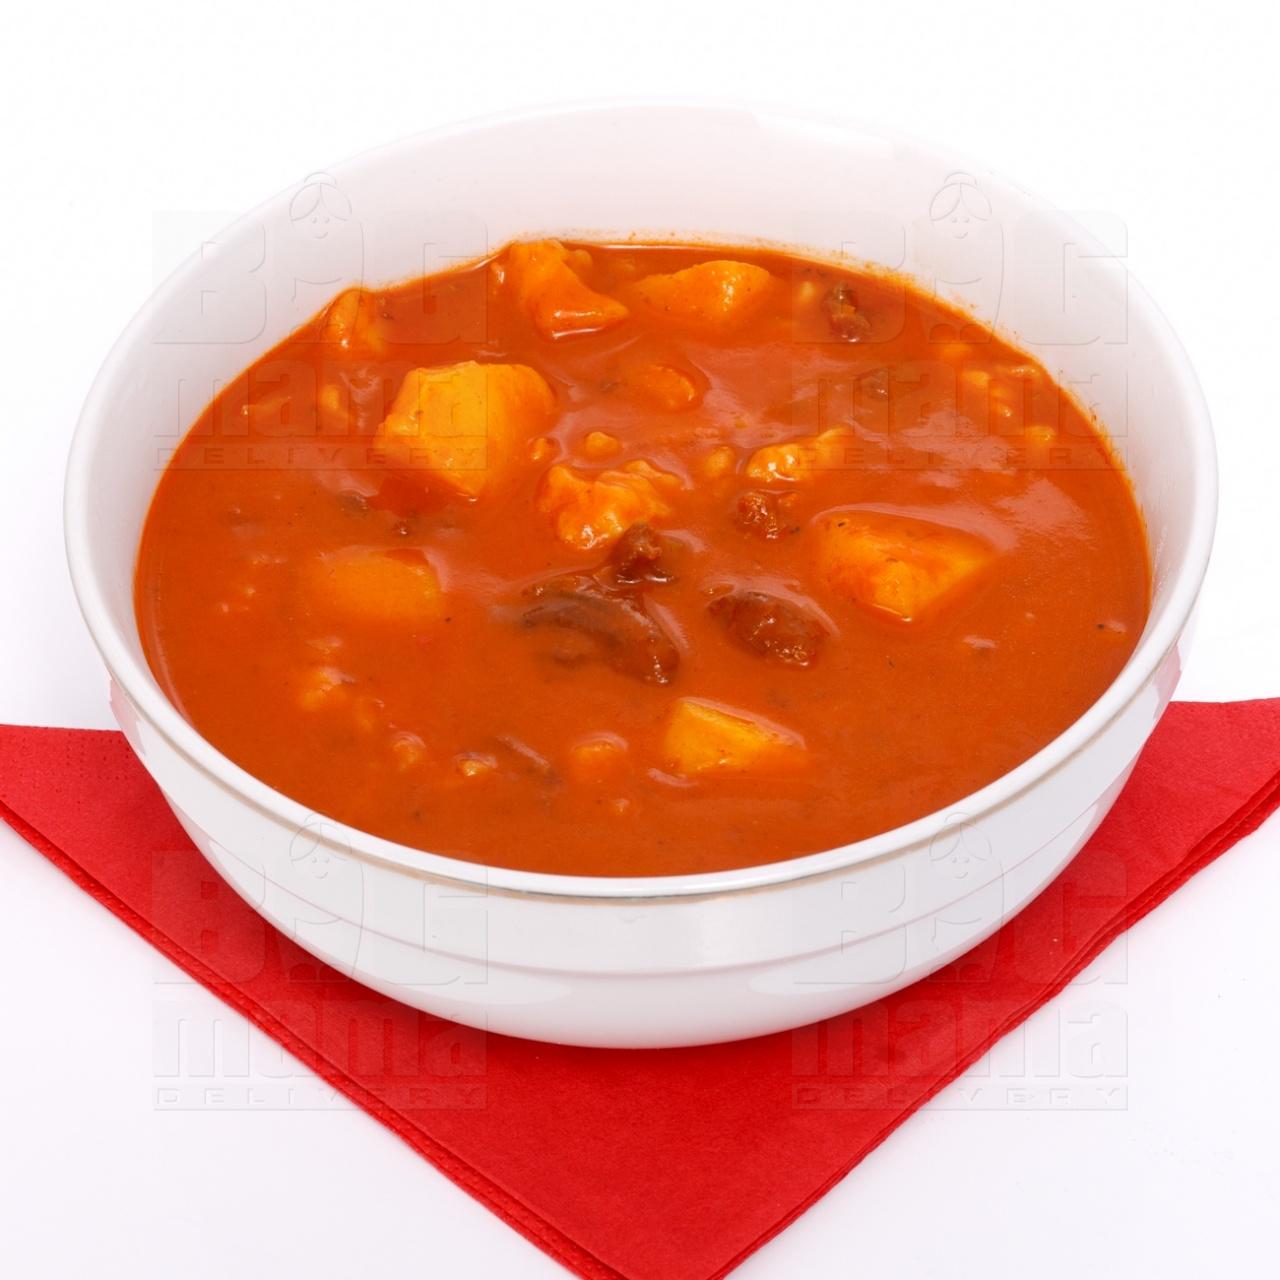 Product #4 image - Supă de gulaşi